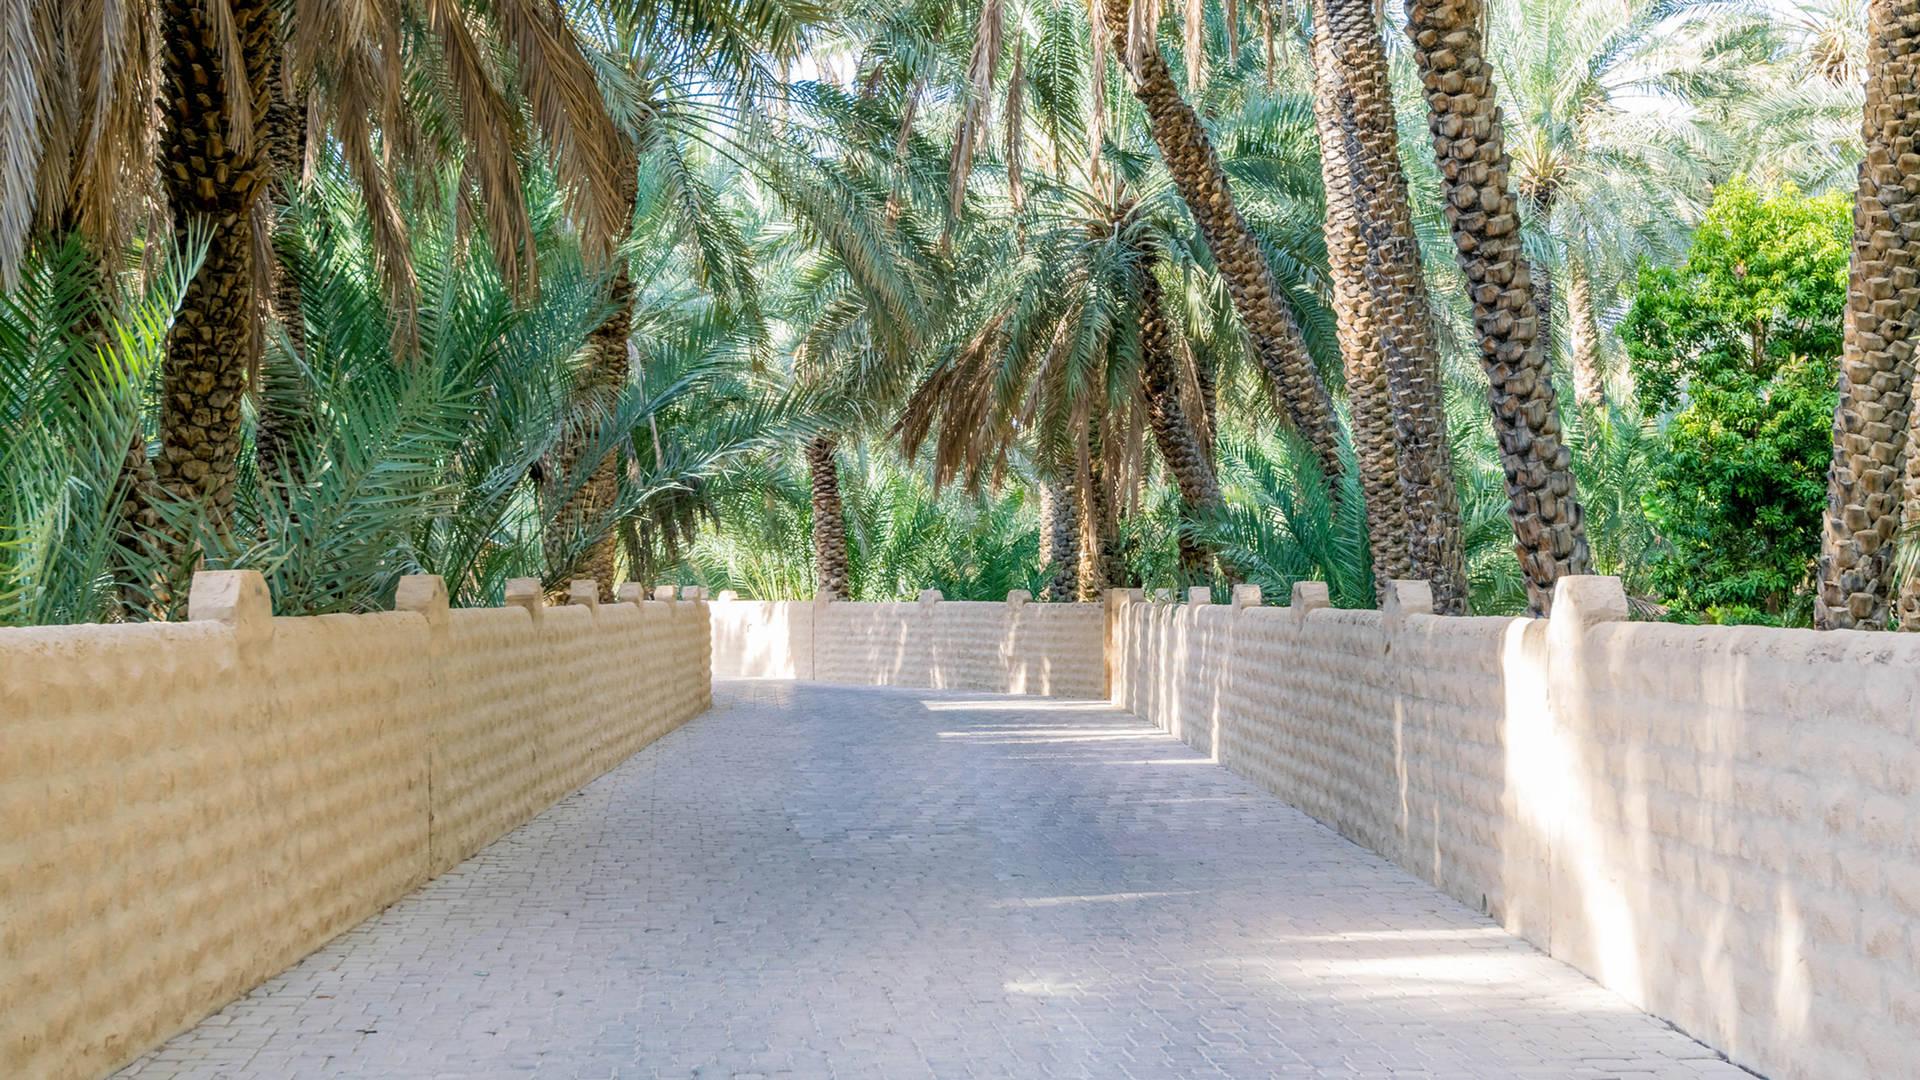 Al Ain oasis Abu Dhabi day trip